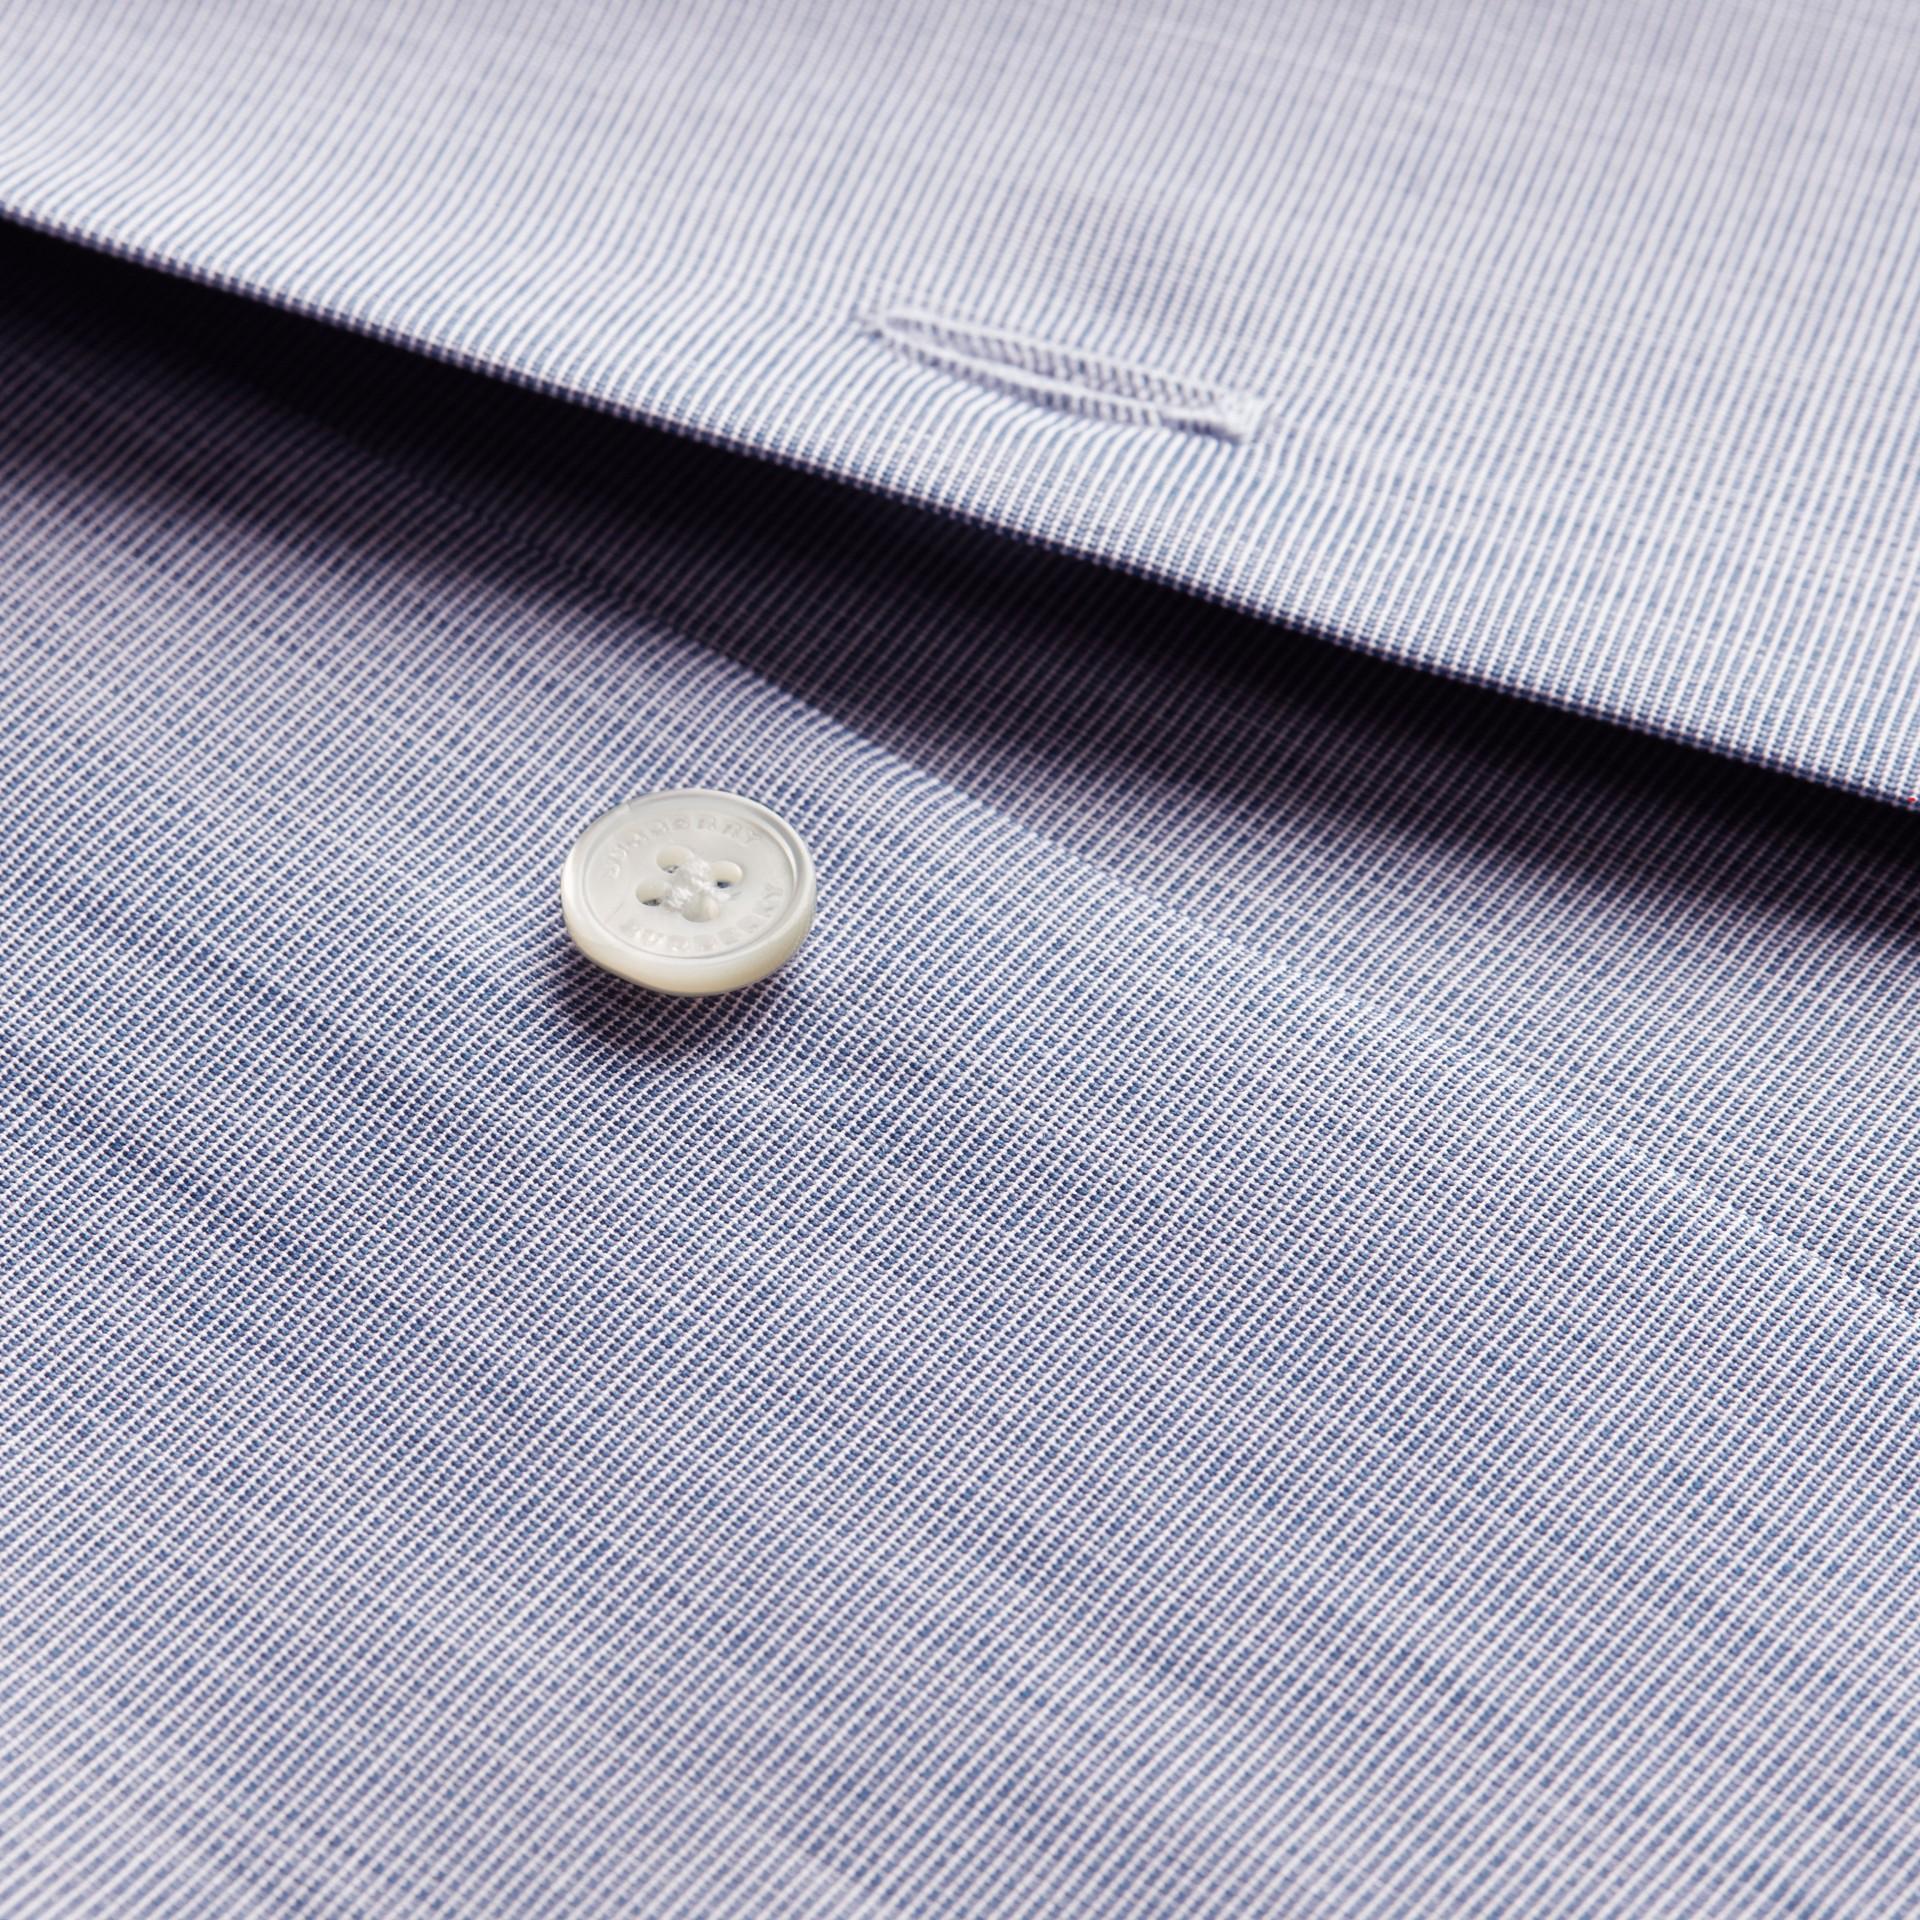 Bleu clair Chemise en coton mélangé Bleu Clair - photo de la galerie 2